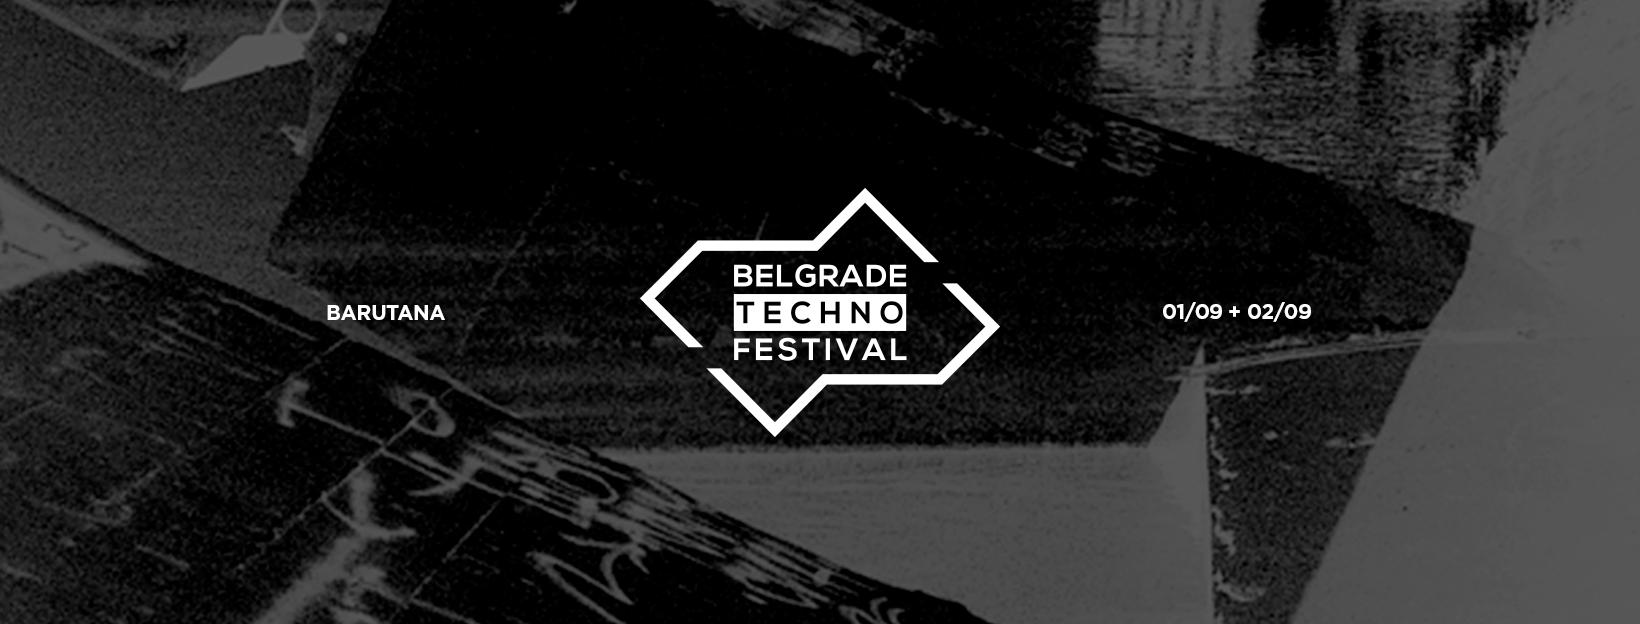 Belgrade Techno Festival